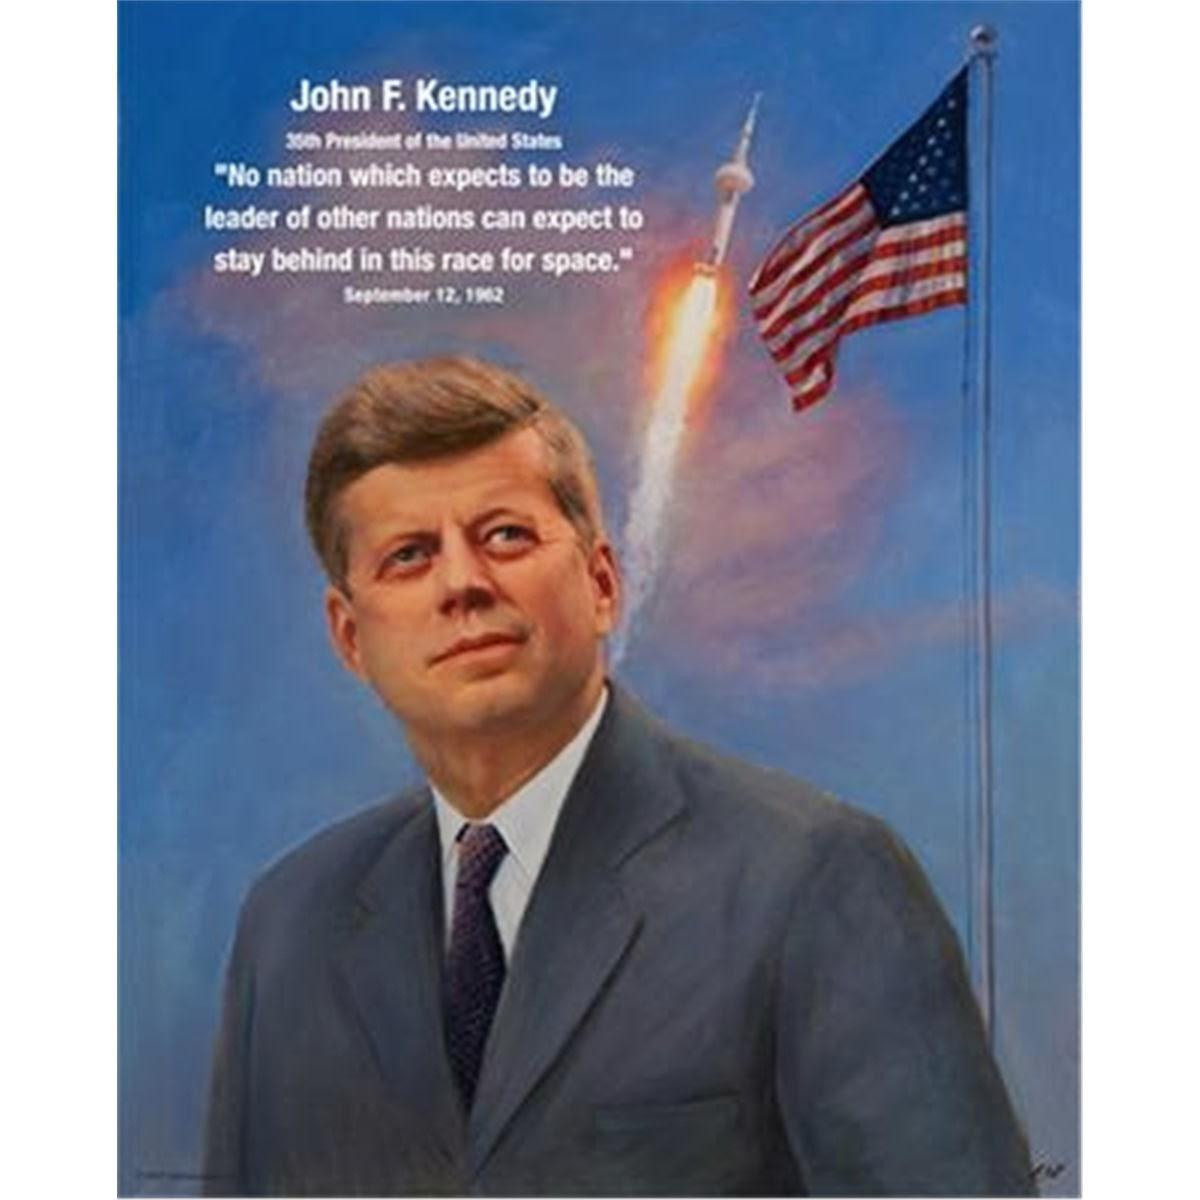 j f kennedy moon speech